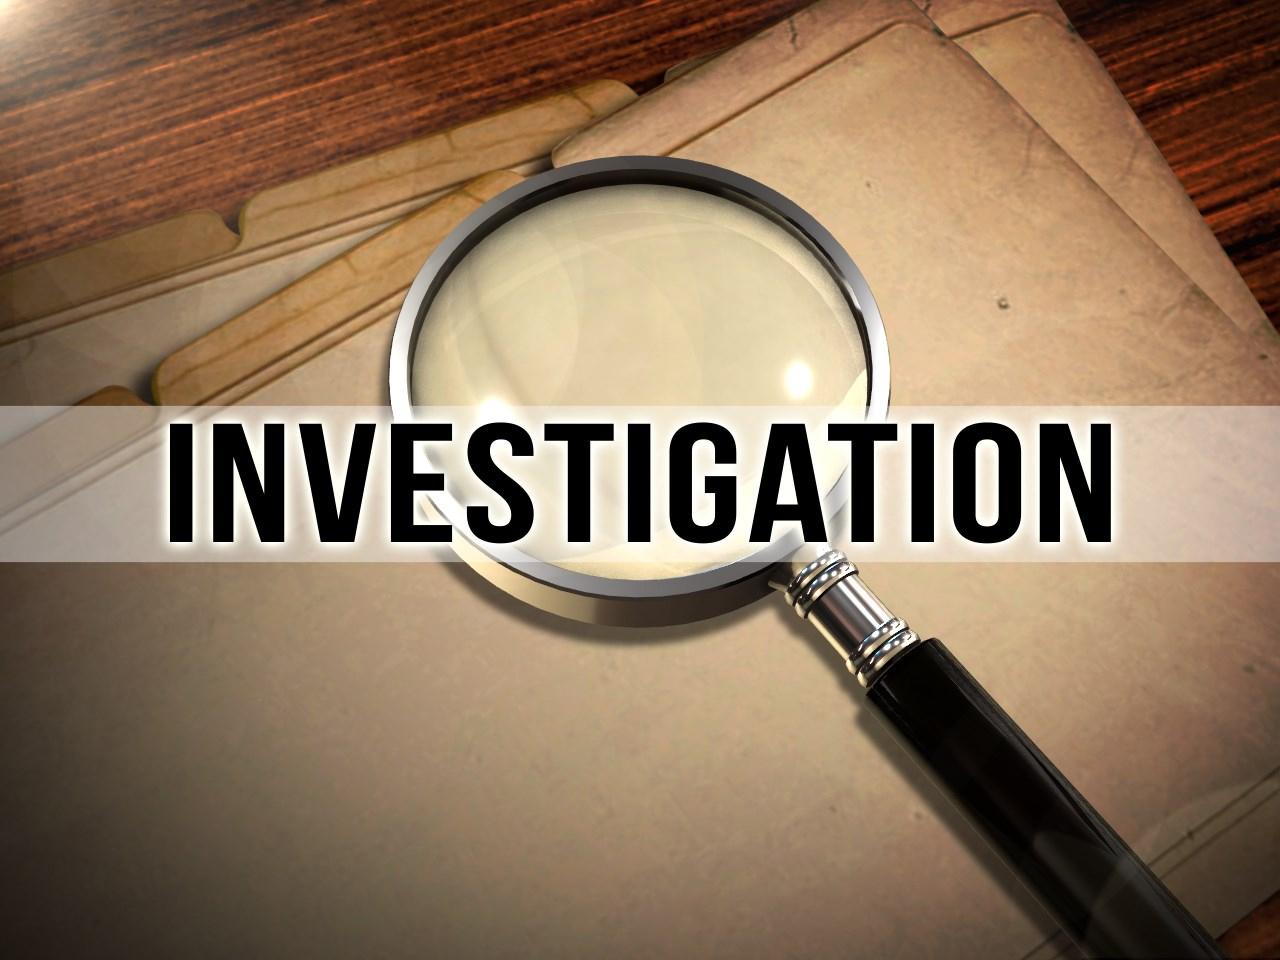 investigationnnnn_1547064580963.jpg